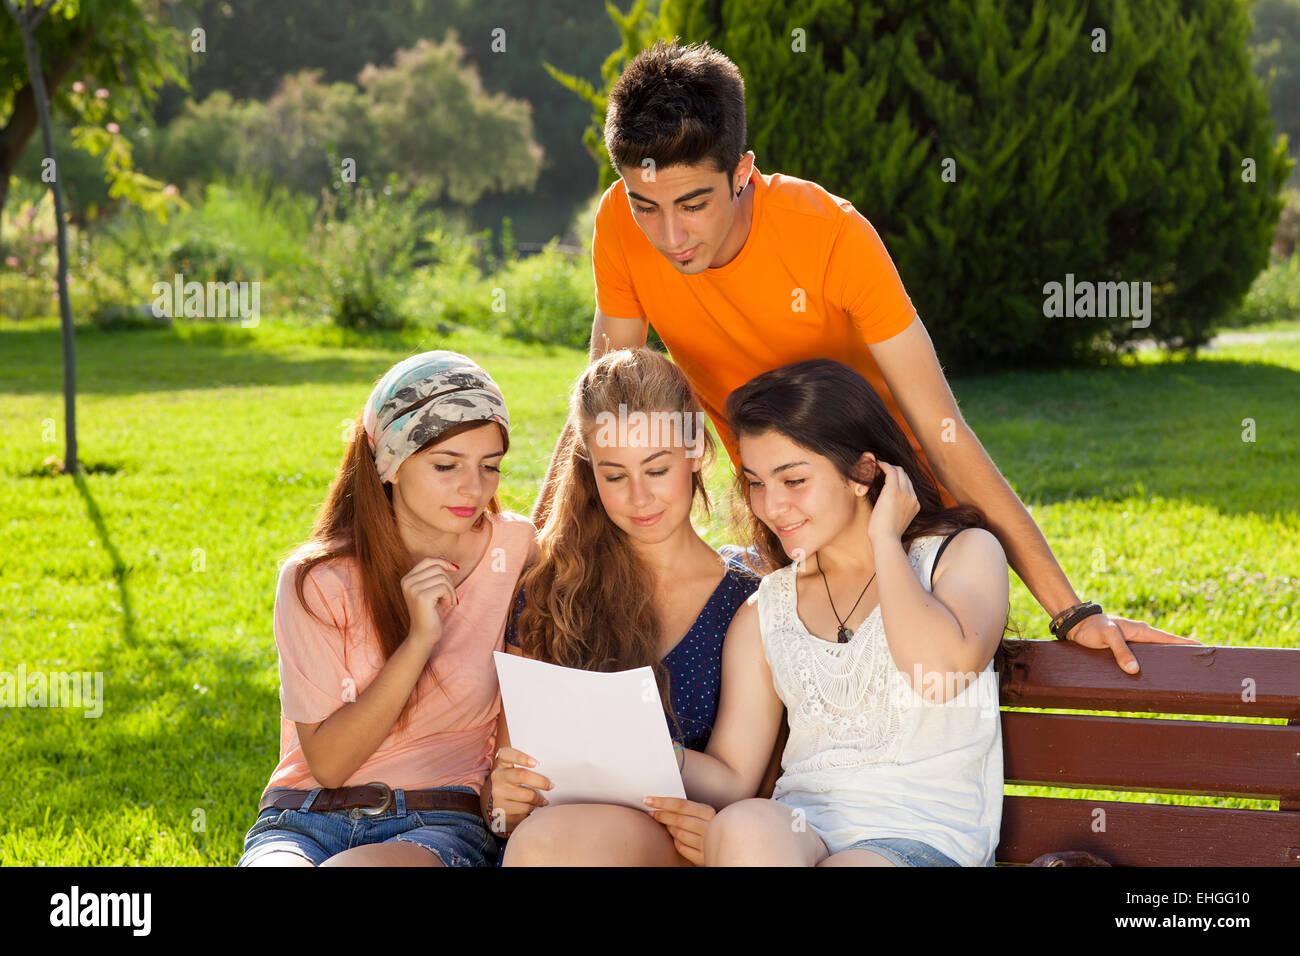 Lecture au parc. Groupe de filles est assise sur un banc et la lecture alors qu'un garçon est à la recherche à l'épaule Banque D'Images